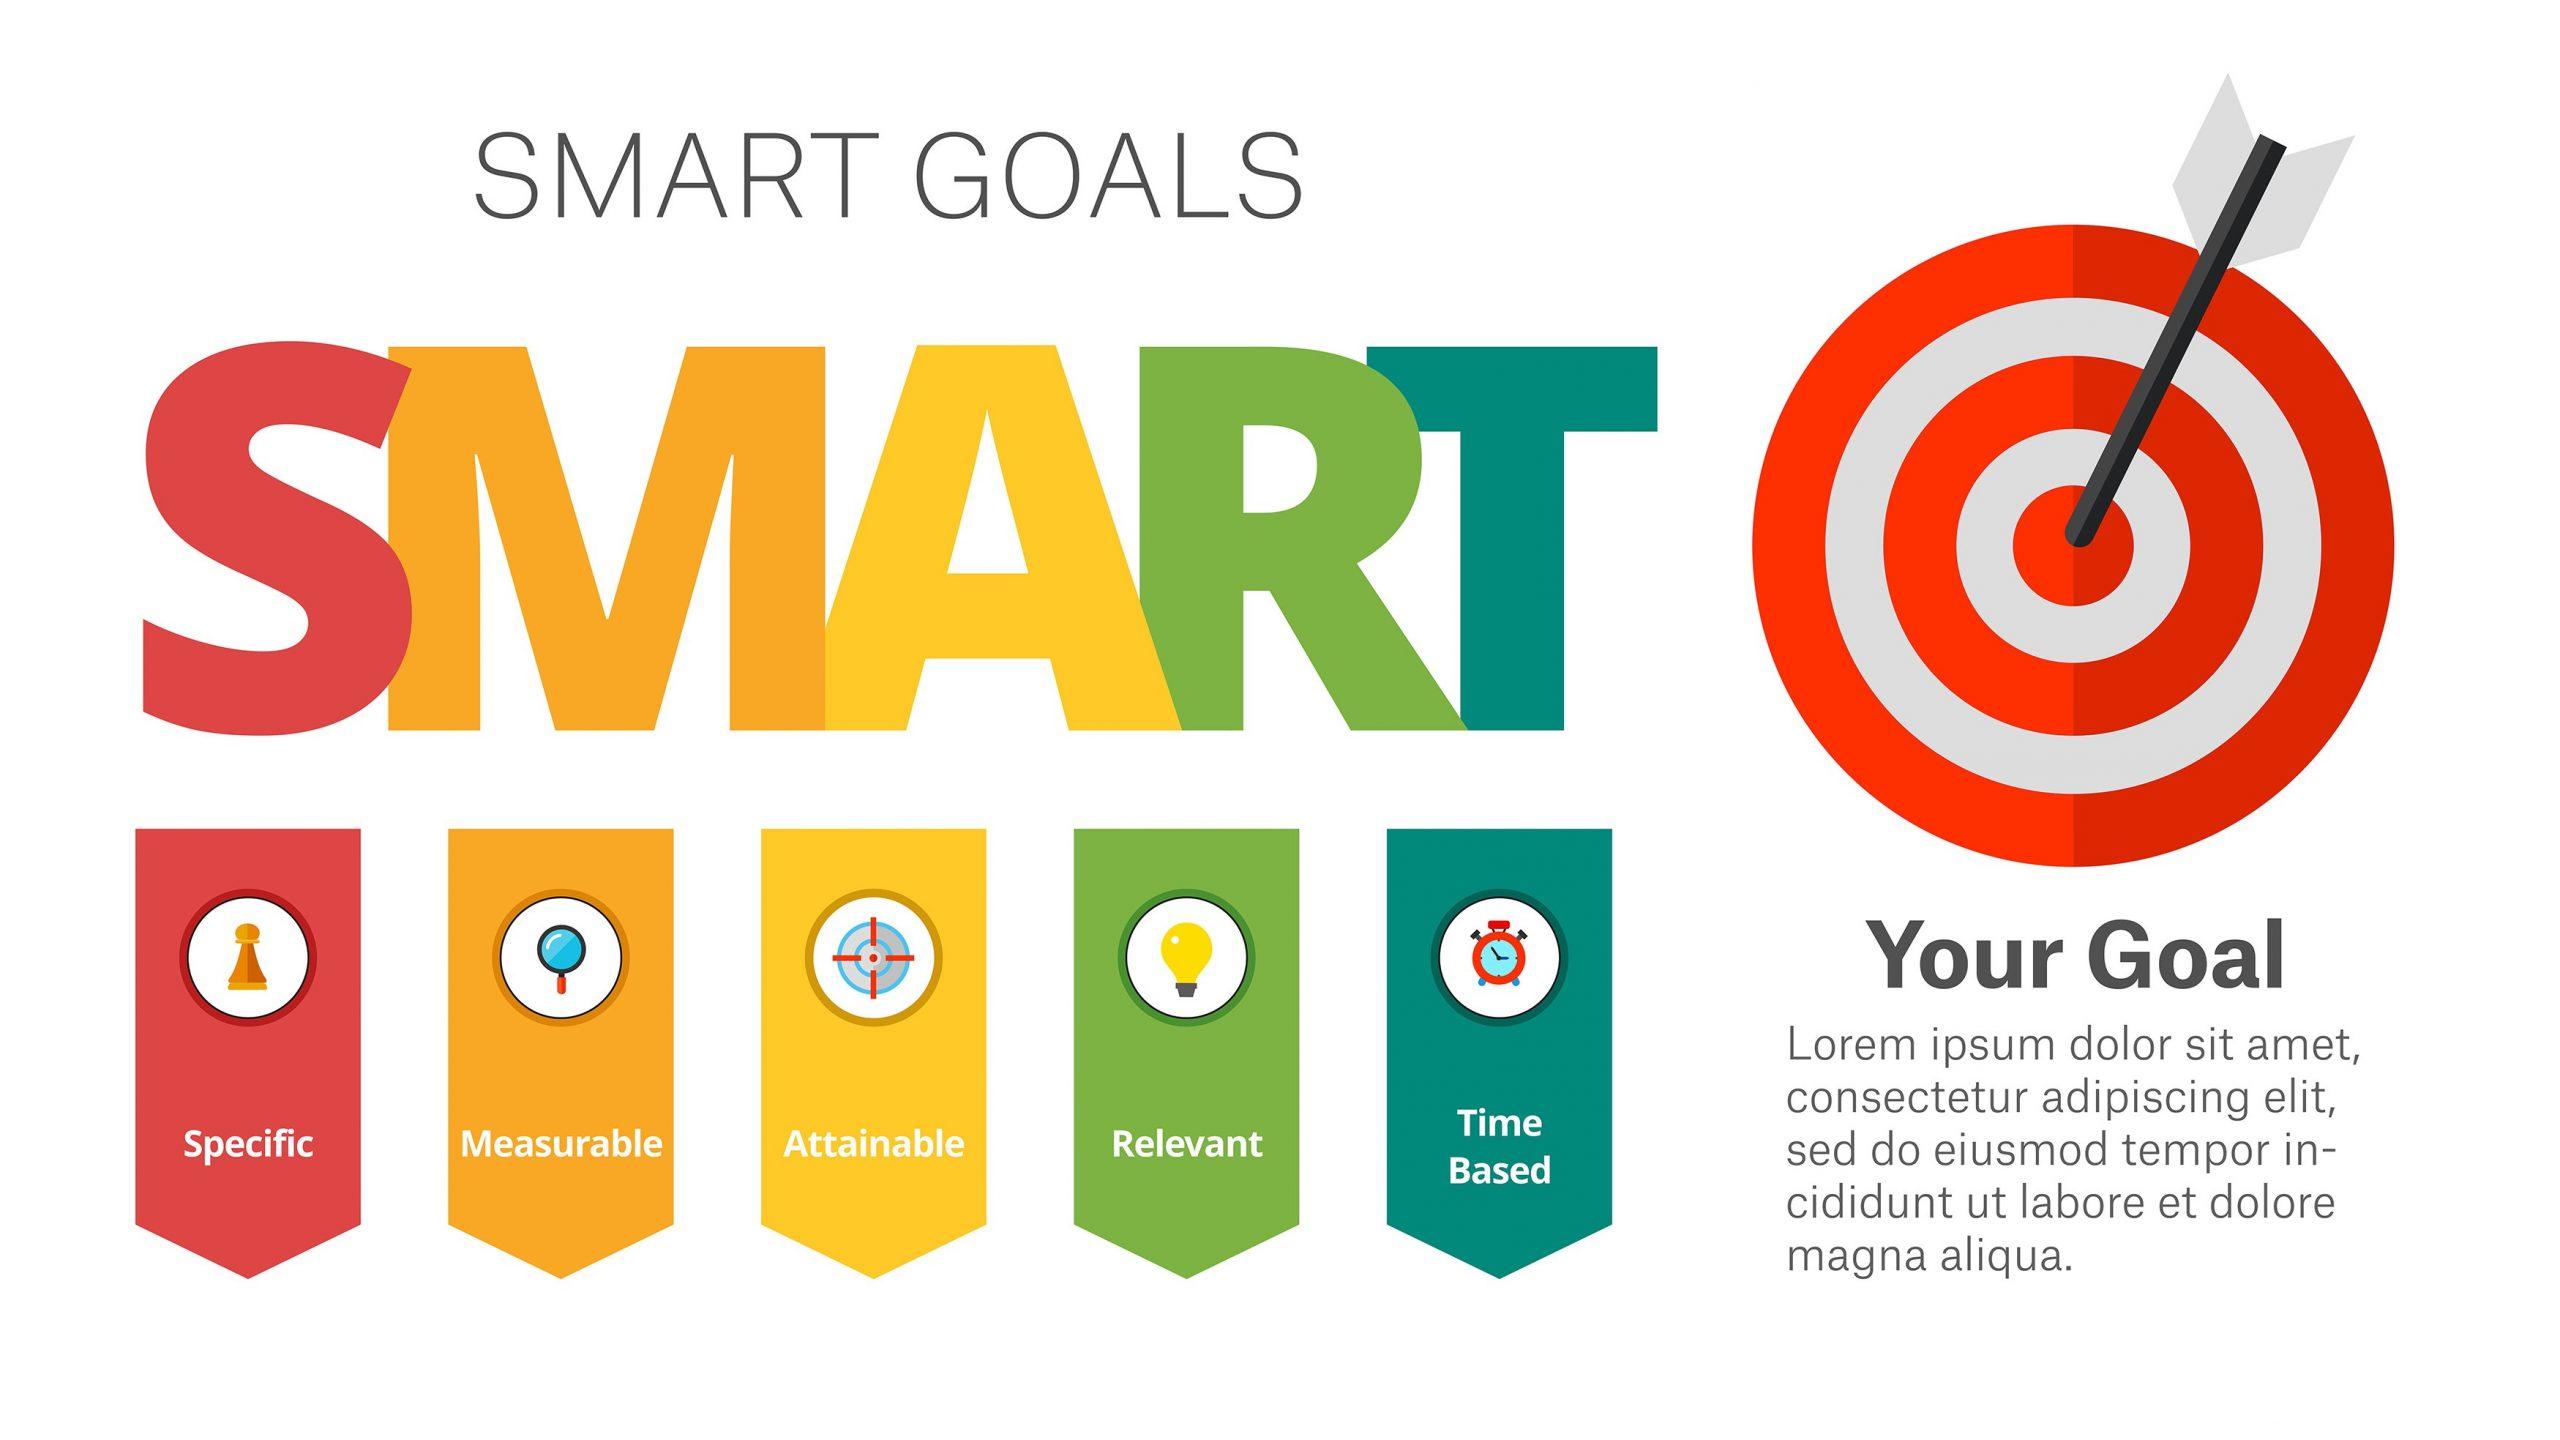 Thiết lập các mục tiêu rõ ràng và tiêu chuẩn hiệu suất cho từng mục tiêu, mà bạn có thể sử dụng để theo dõi tiến trình trong toàn tổ chức